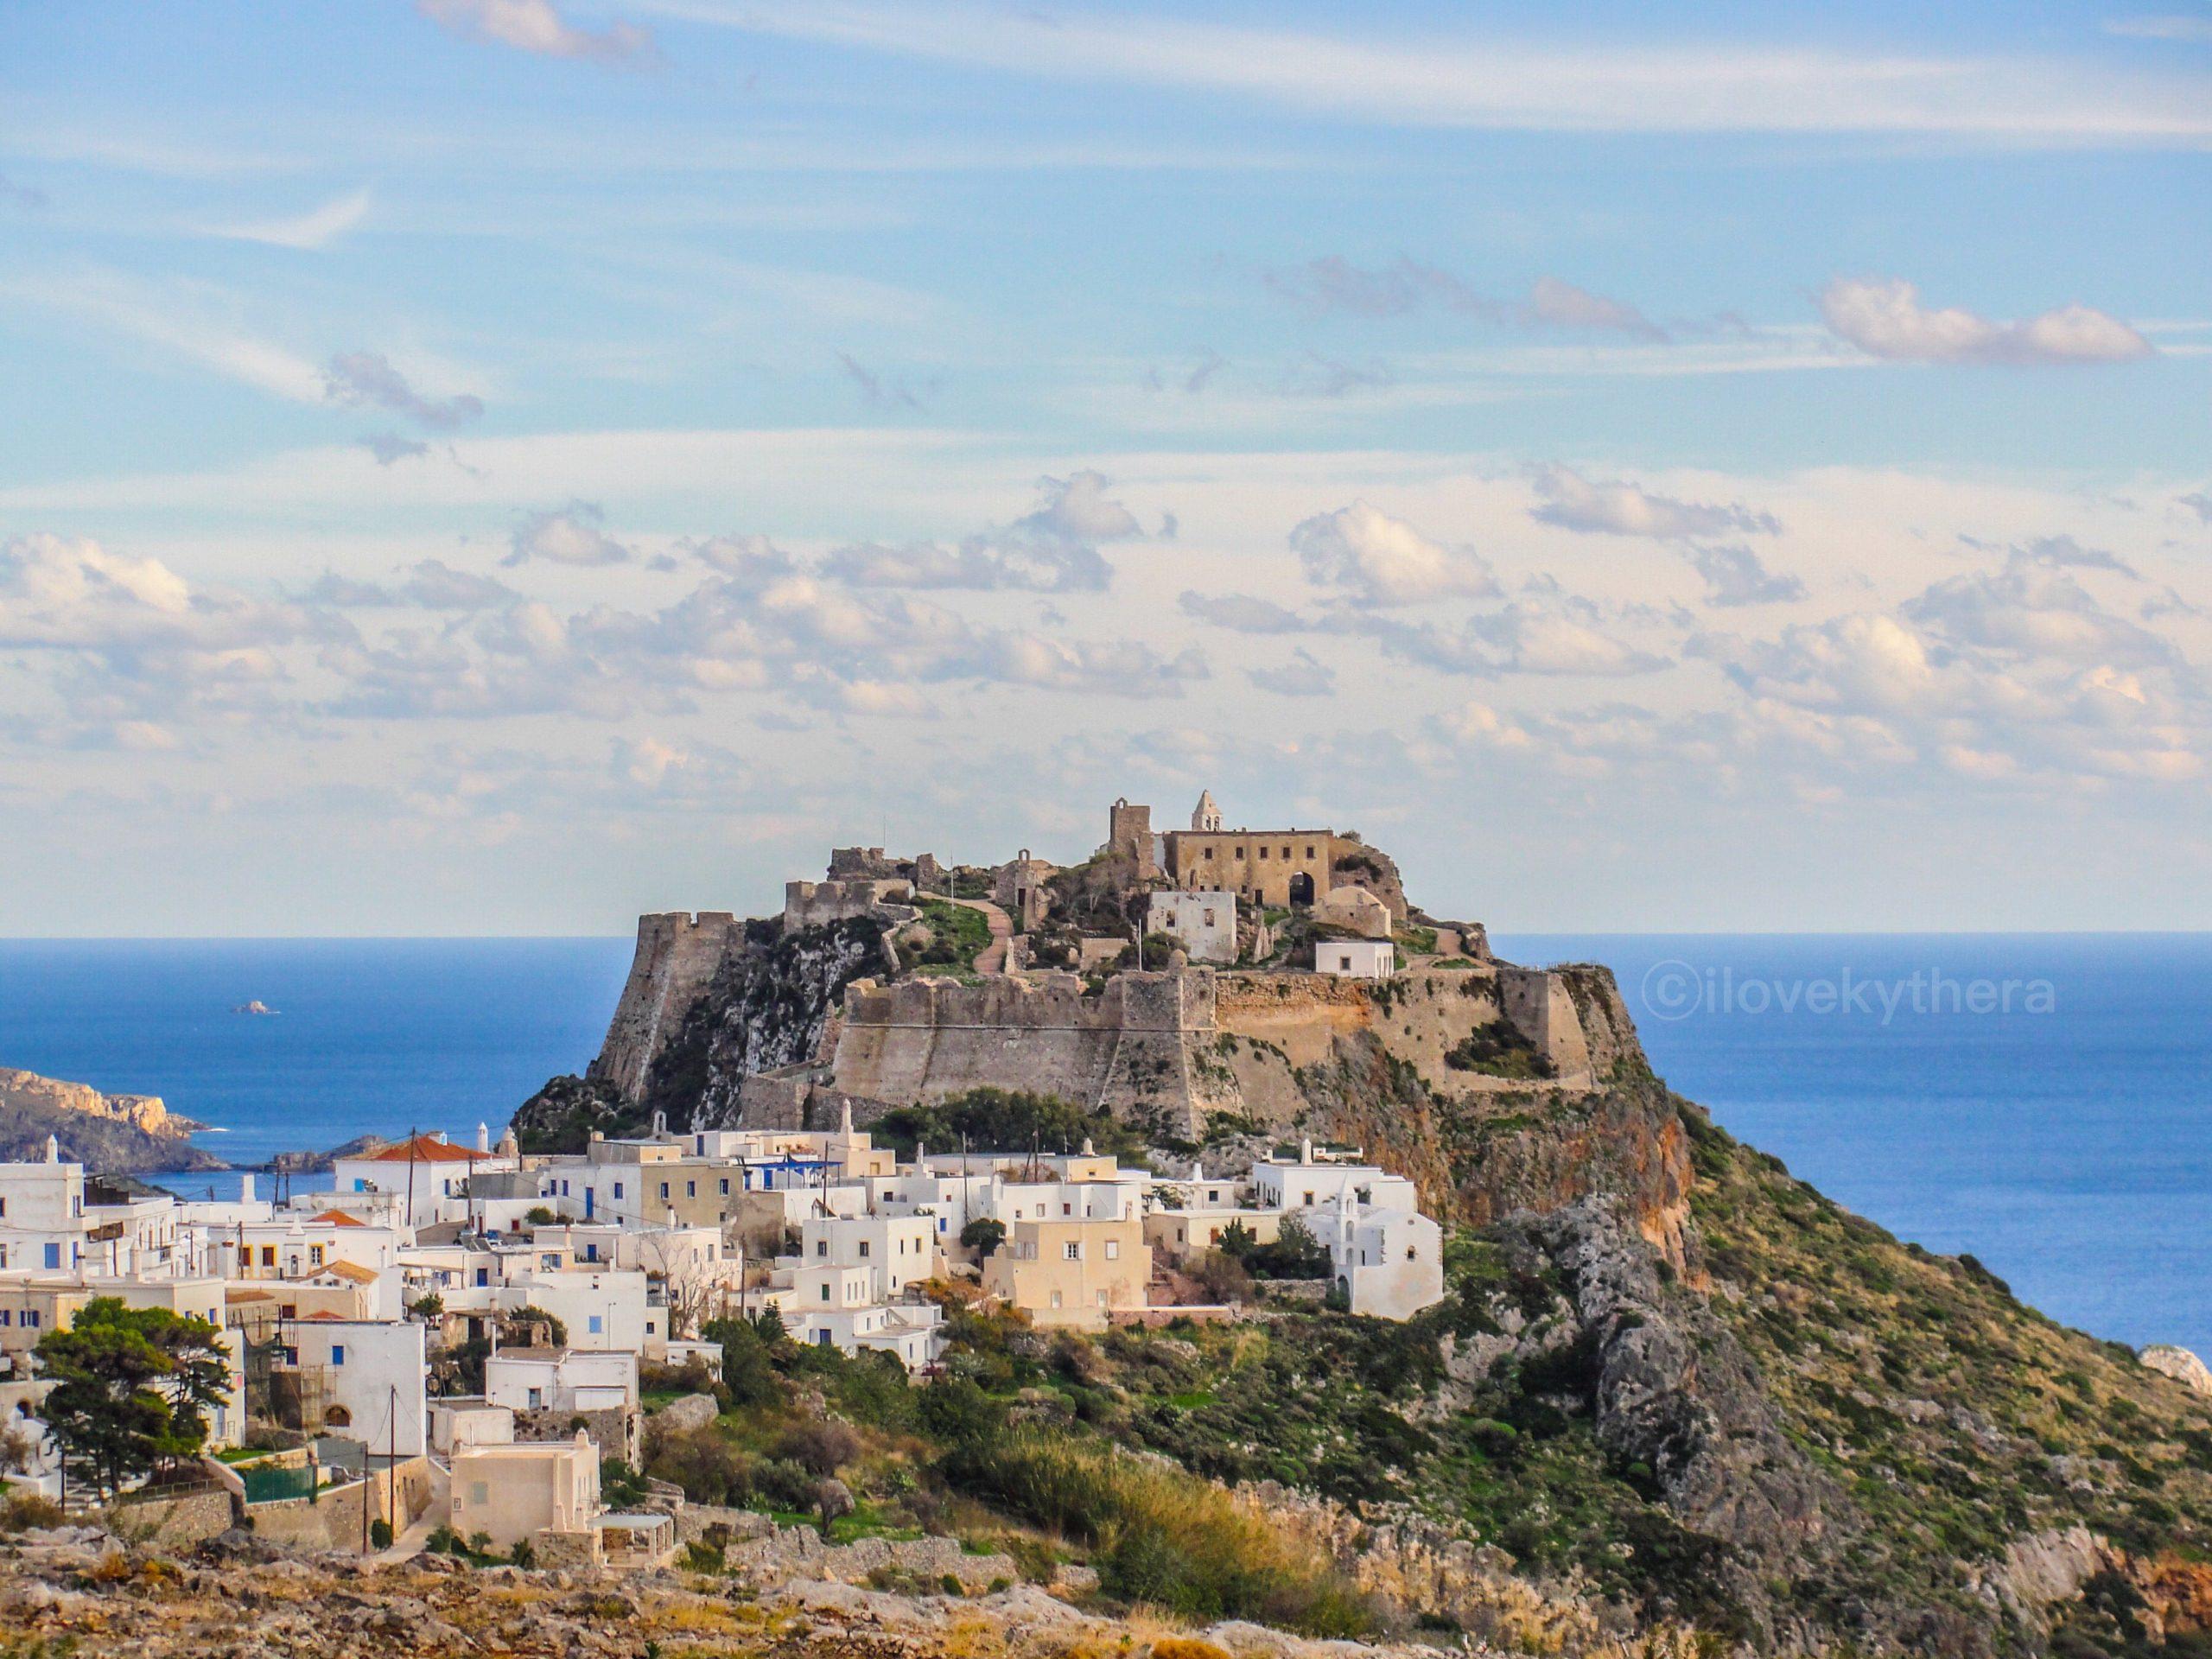 Η Χώρα των Κυθήρων και το Ενετικό κάστρο / Hora, the capital, and the Venetian castle